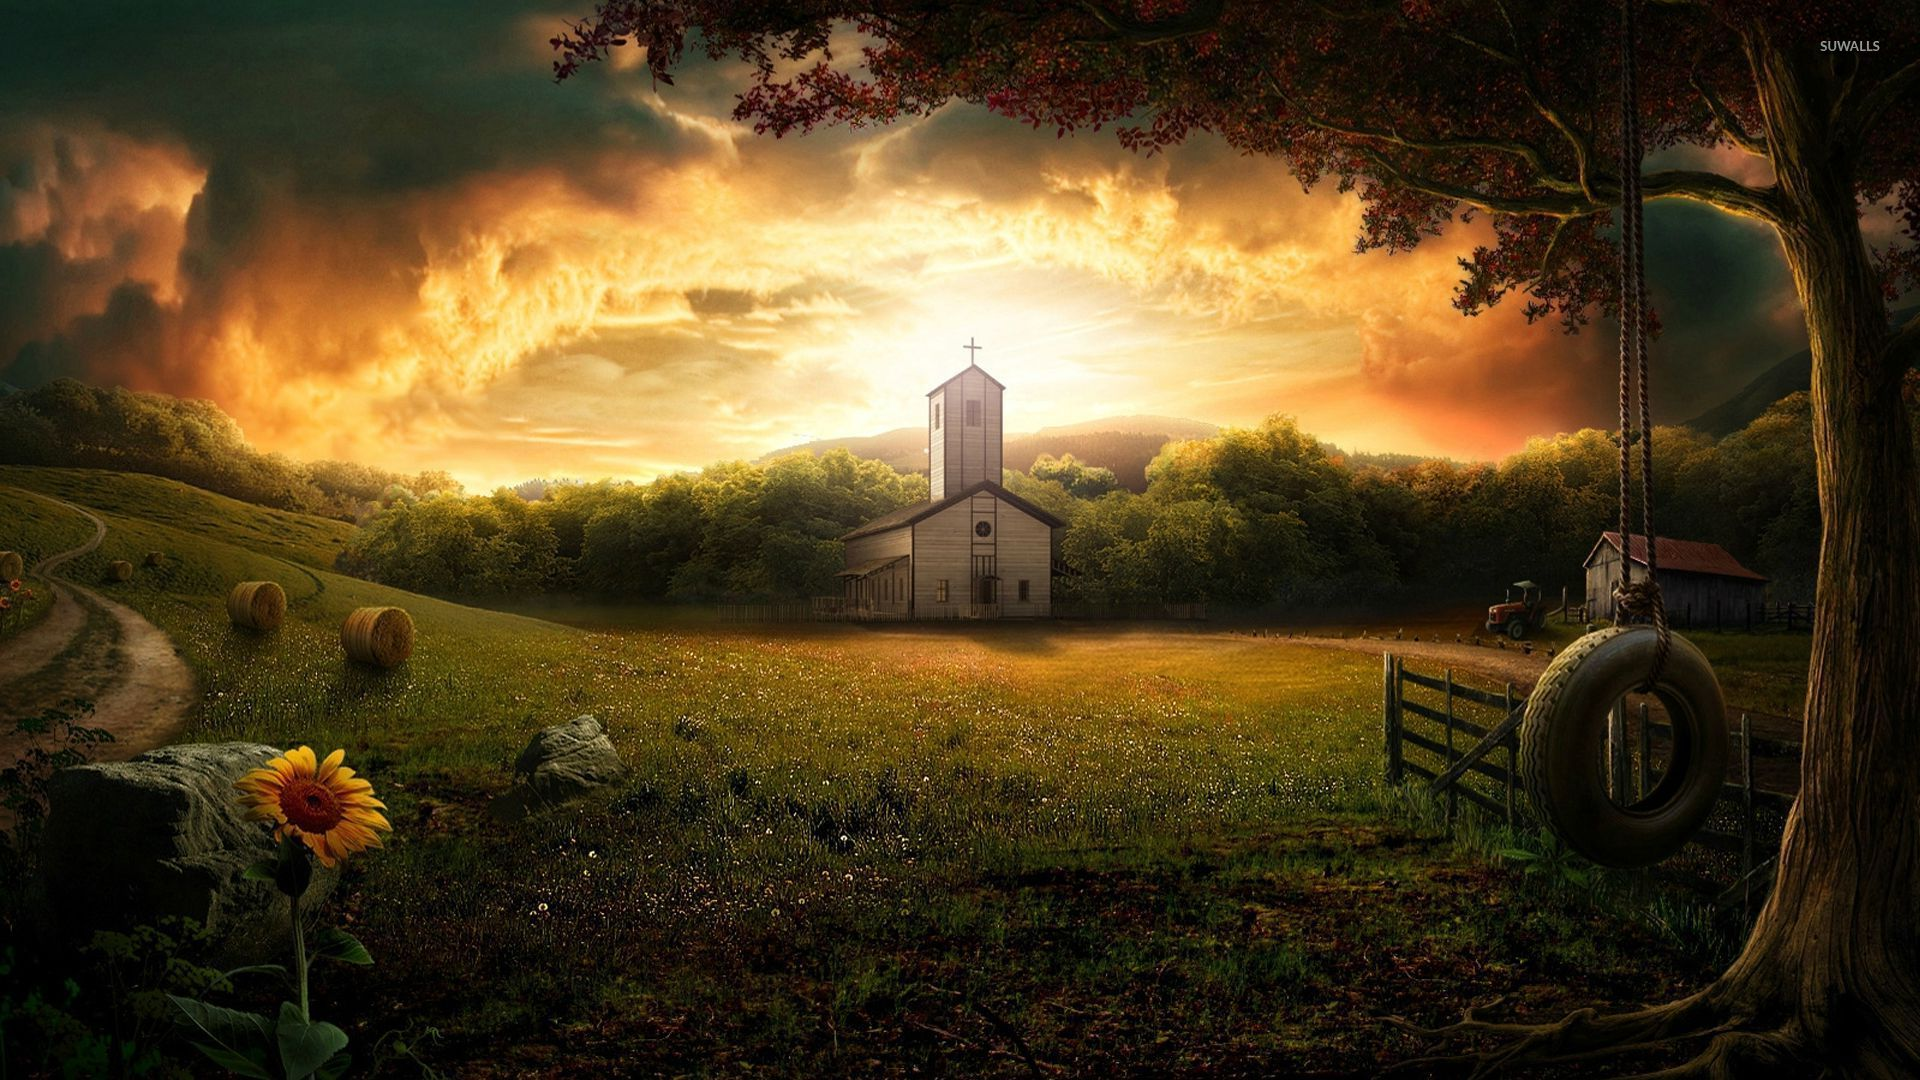 Little Countryside Church Wallpaper